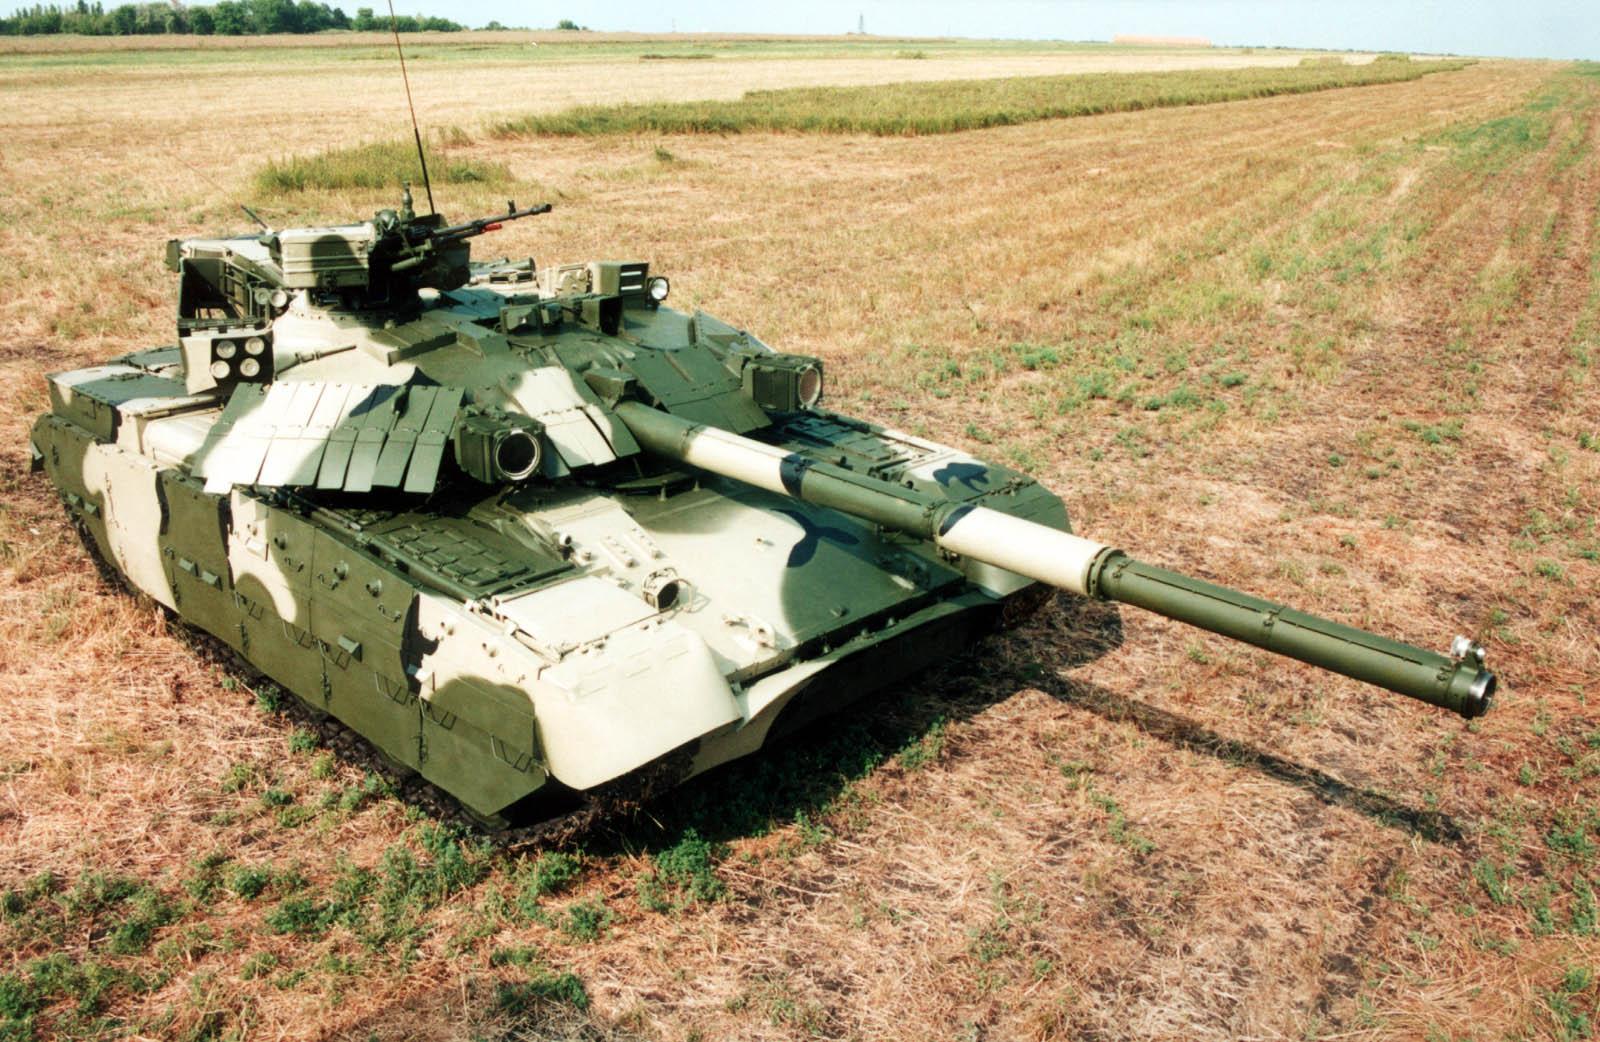 птянистый камуфляж танка, танк обои на рабочий стол, скачать